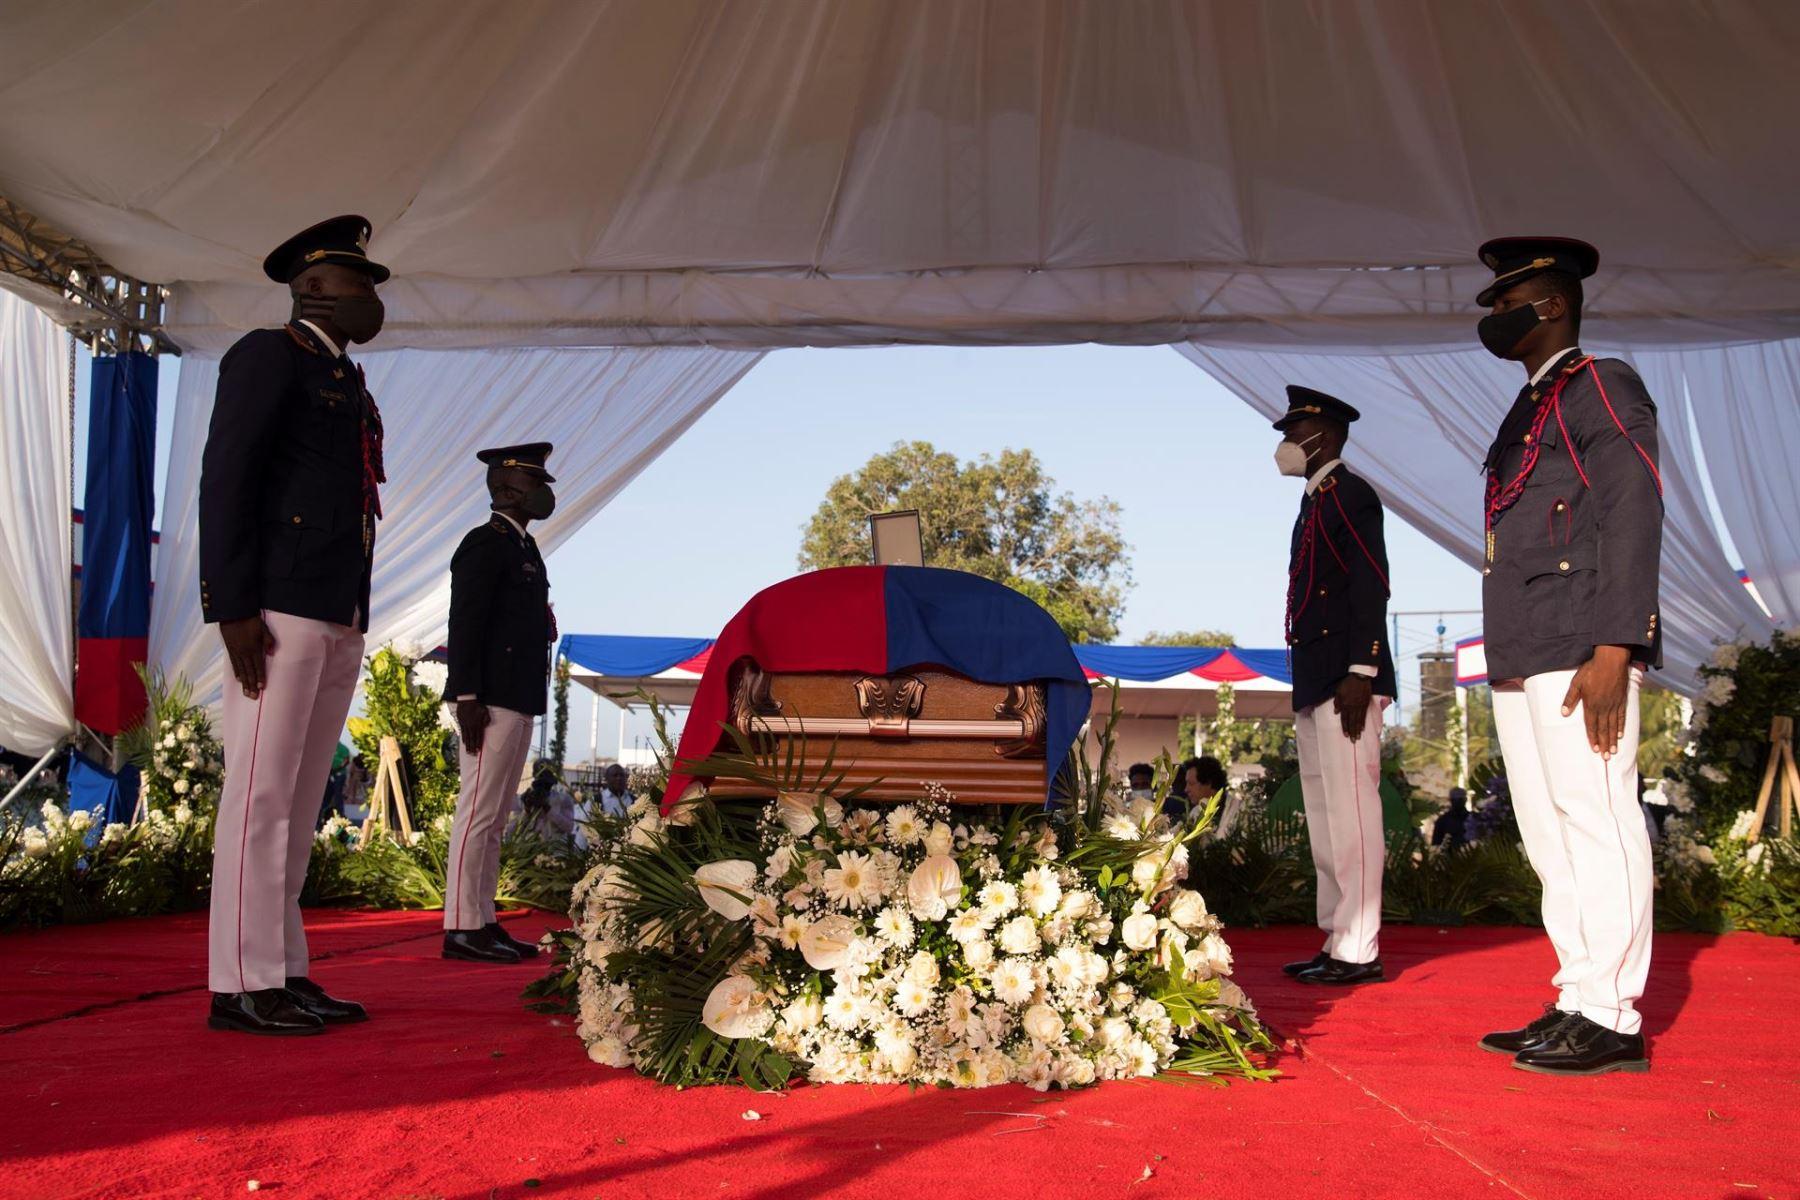 Inician las honras fúnebres para darle el último adiós al Presidente de Haití.